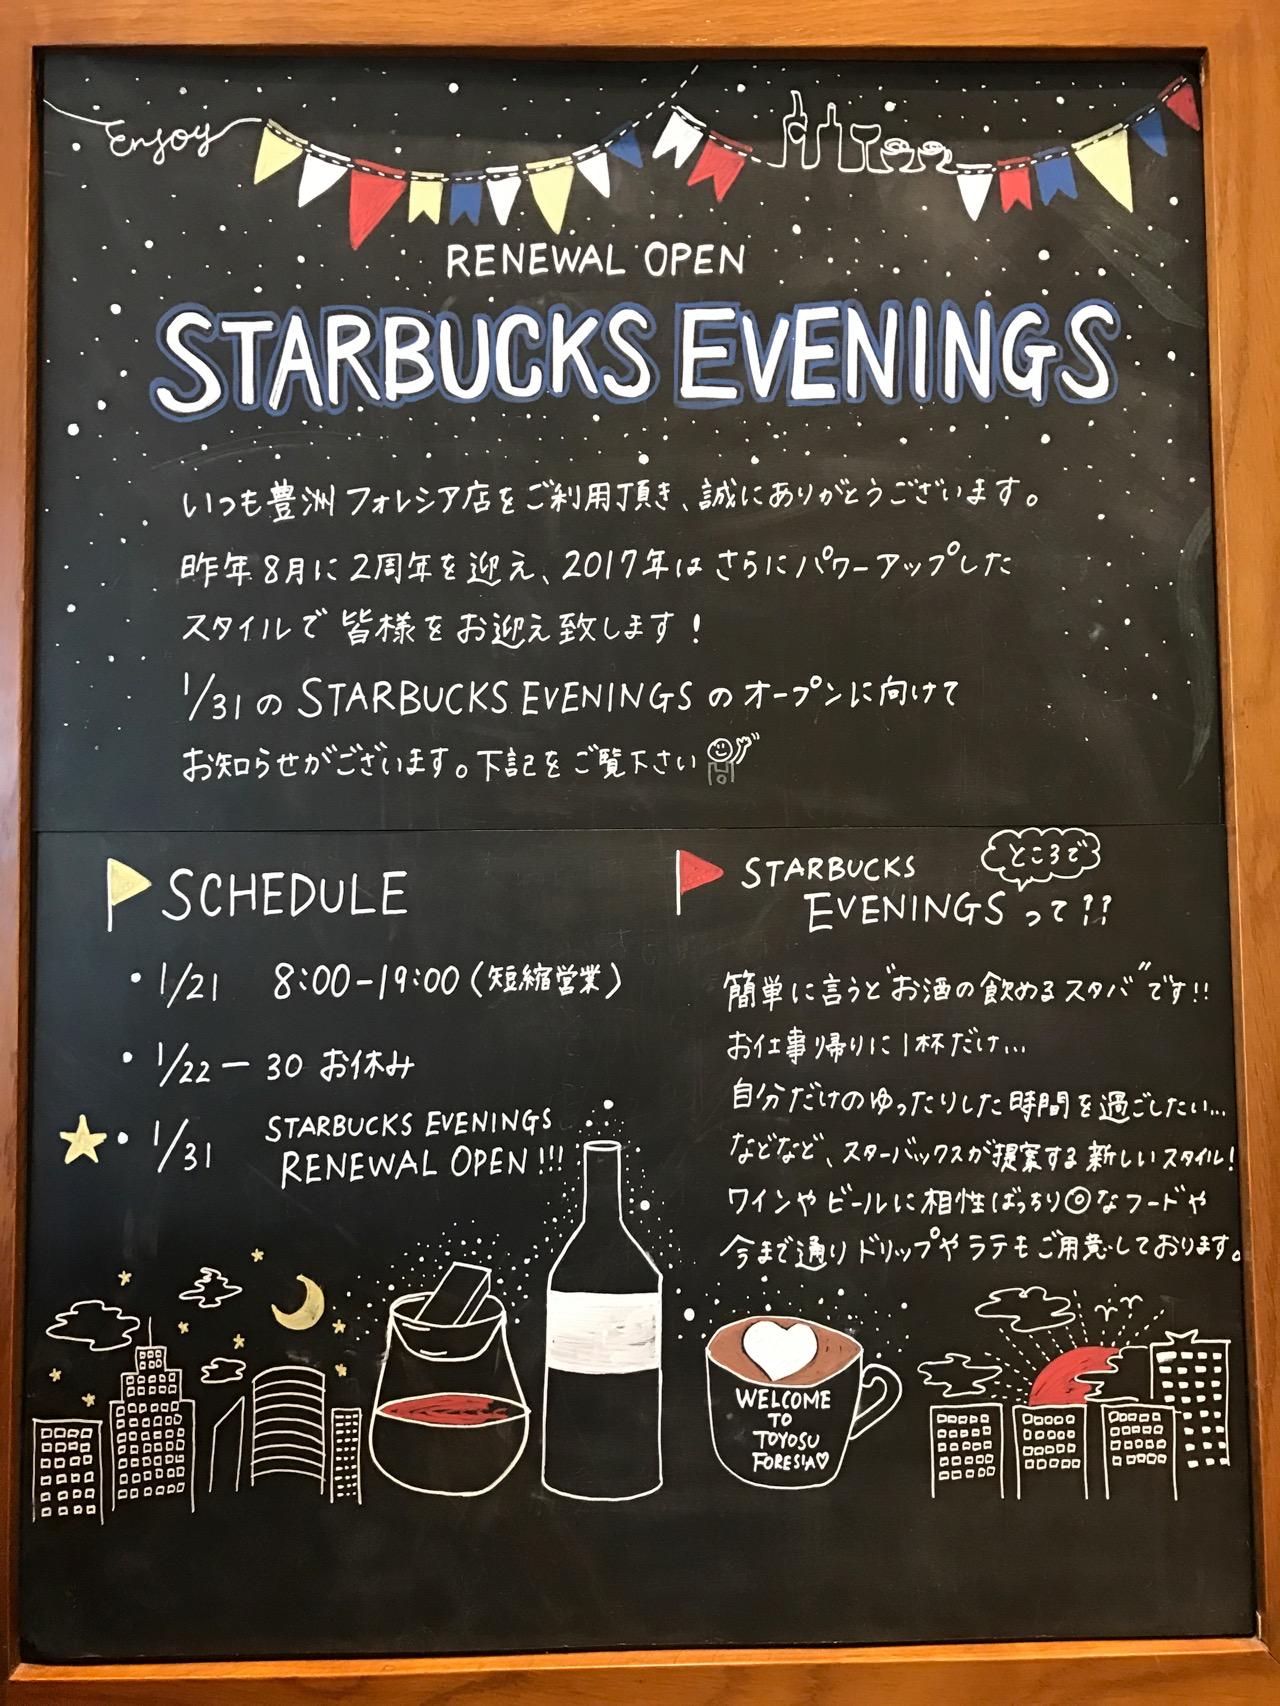 スターバックスコーヒー豊洲フォレシア店がSTARBUCKS EVENINGS(スターバックス・イブニングス)にリニューアルへ